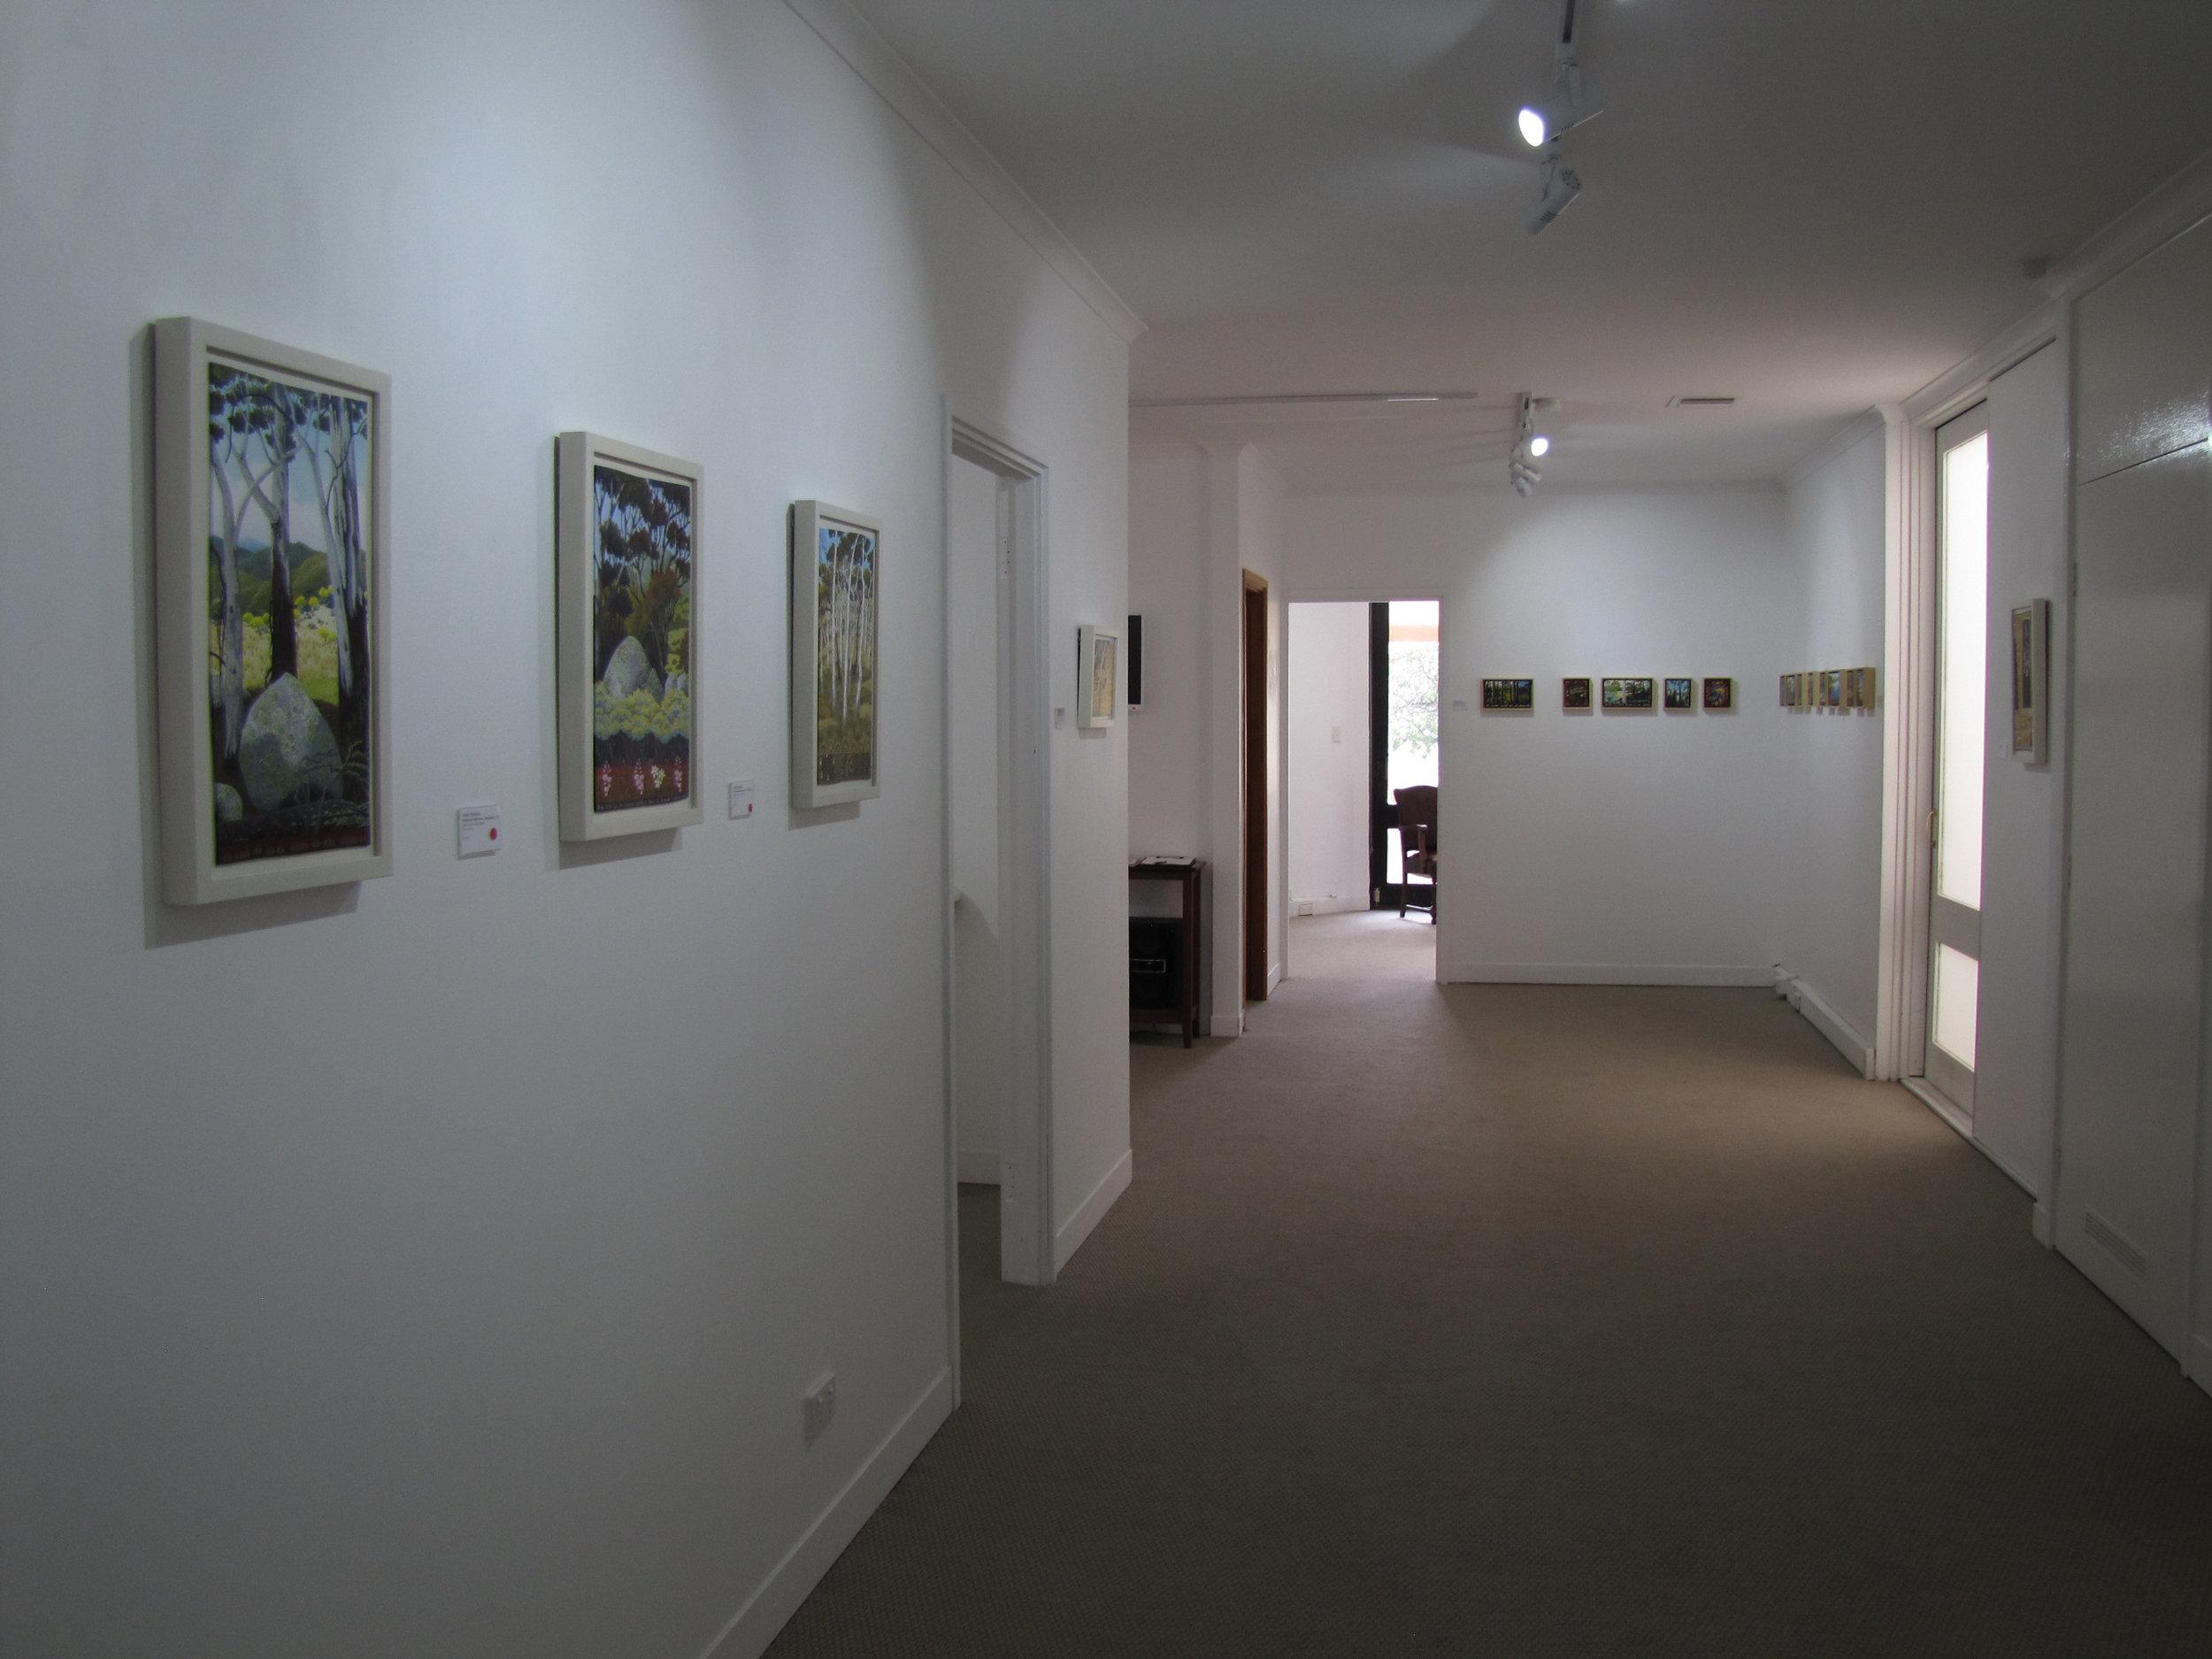 NSG. Franklin exhibition. Exhibition views 1.jpg